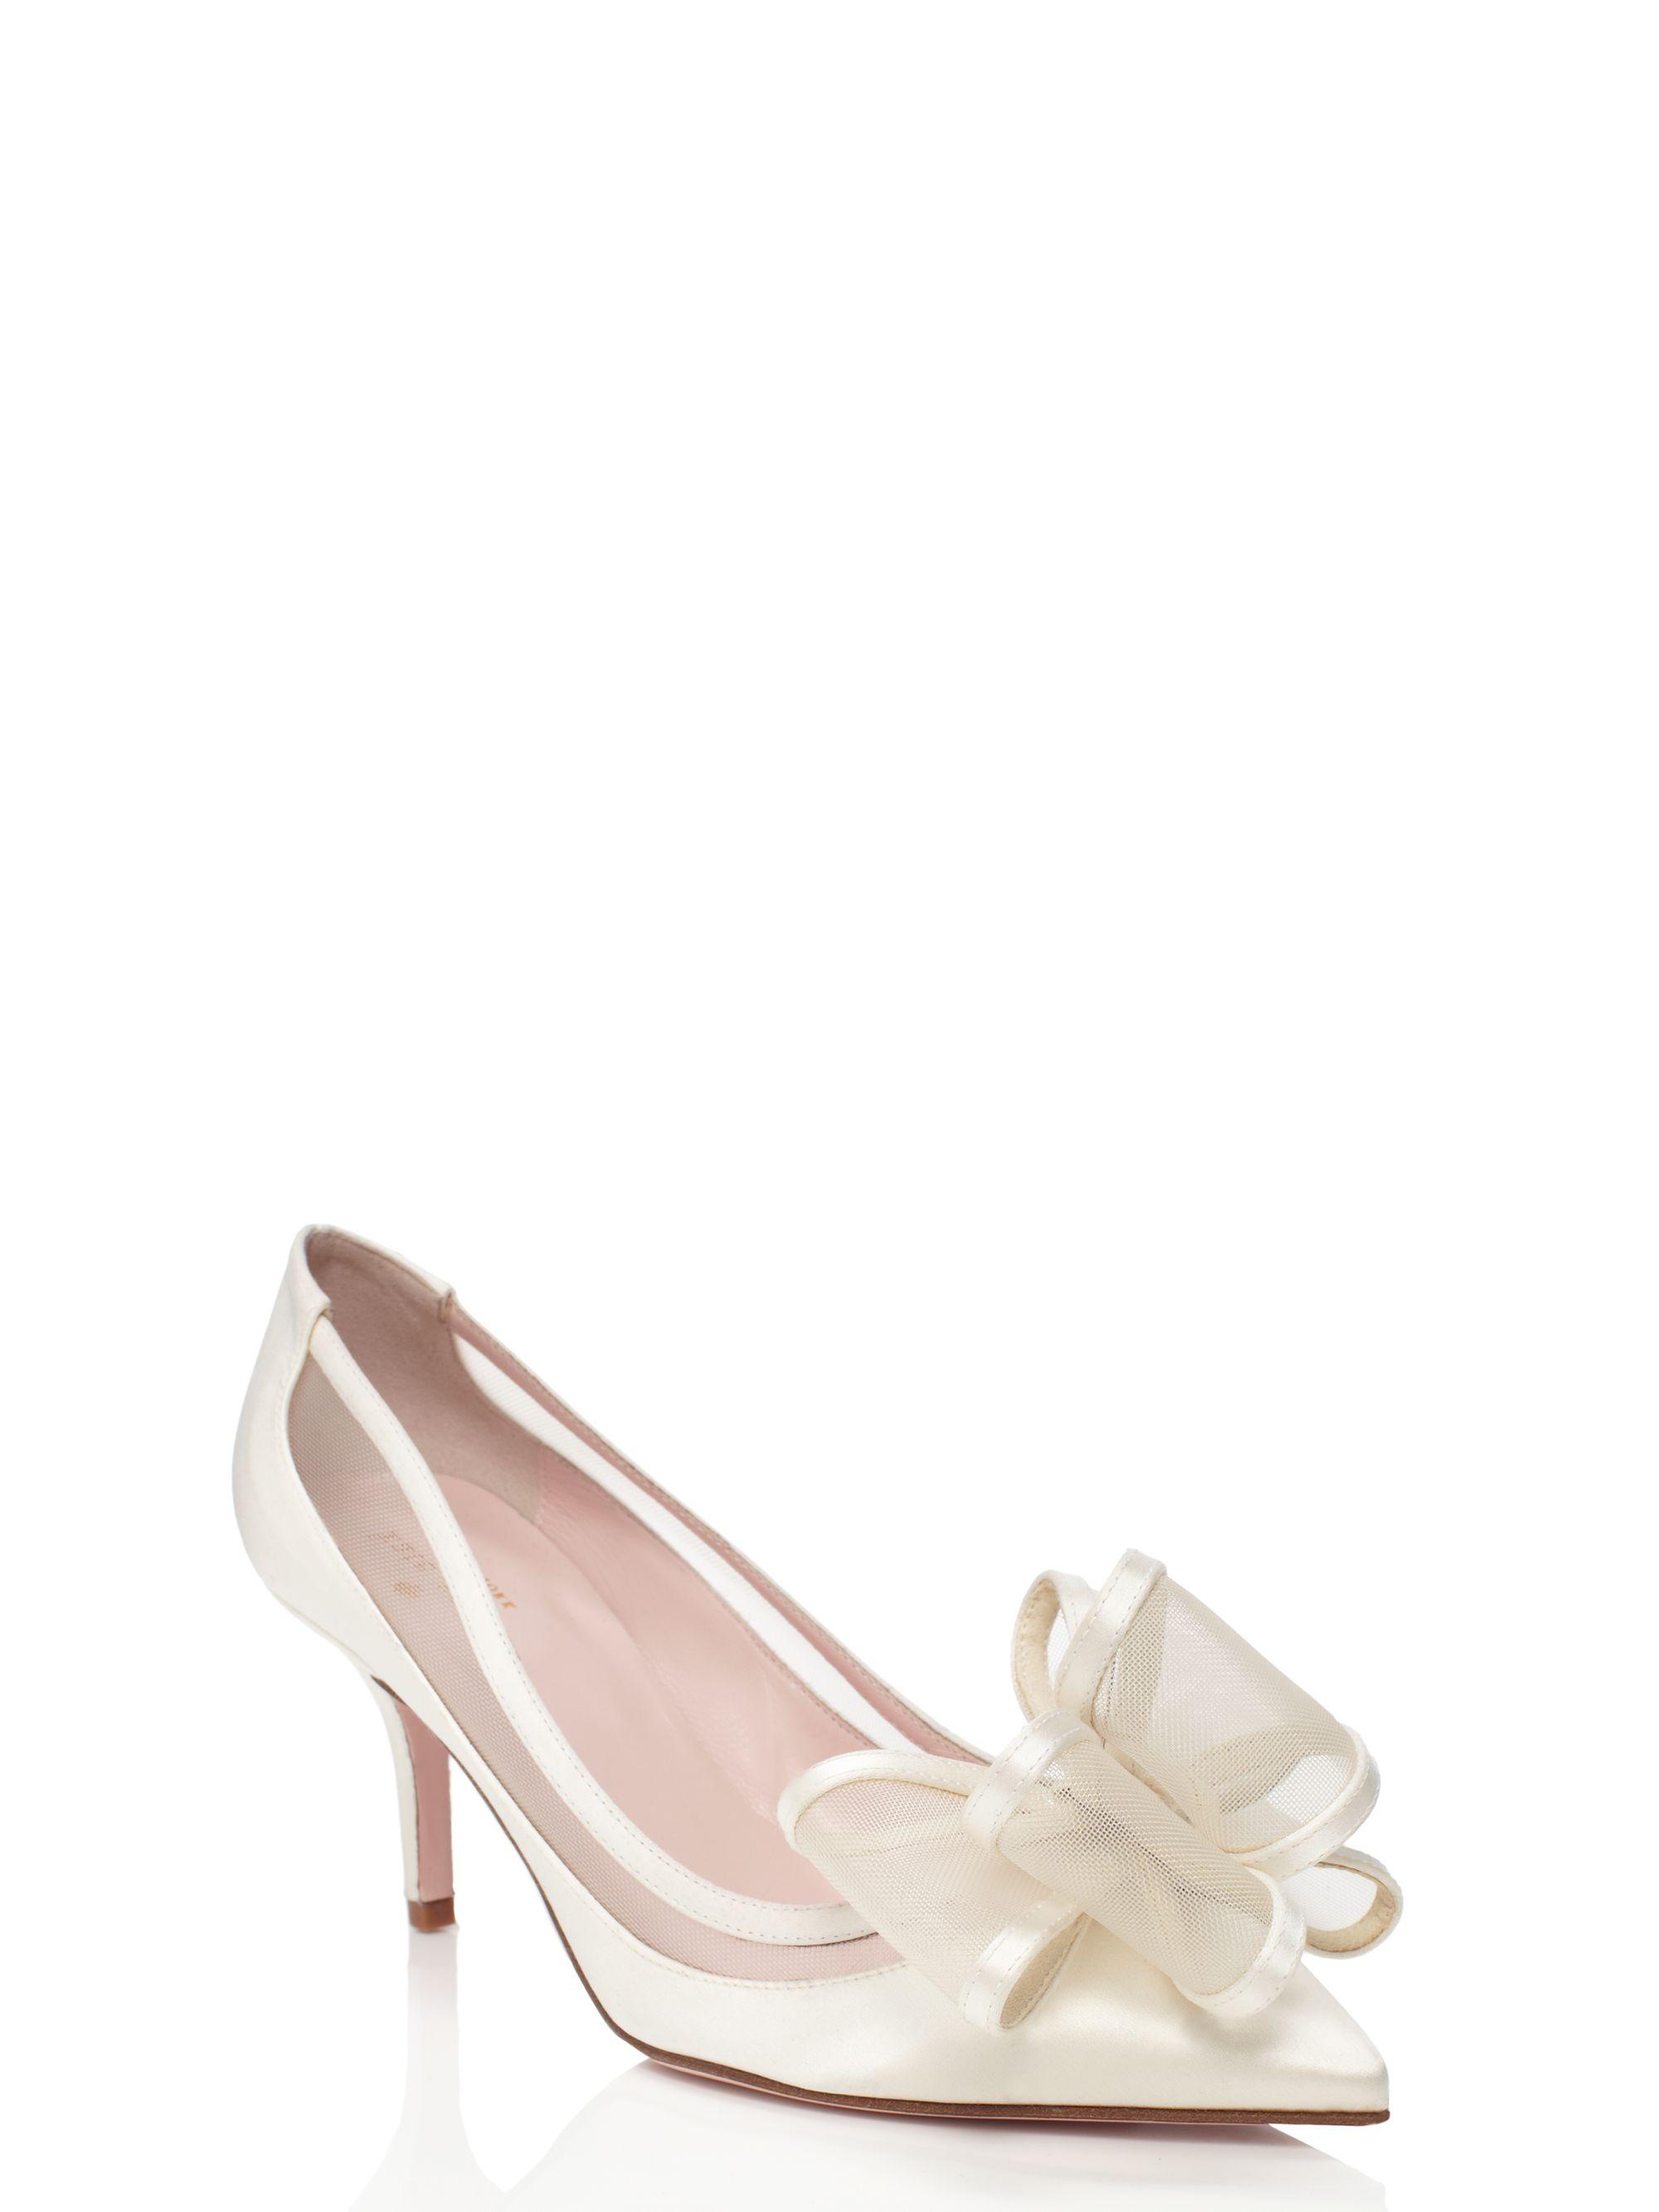 kate spade jackie heels in white ivory lyst